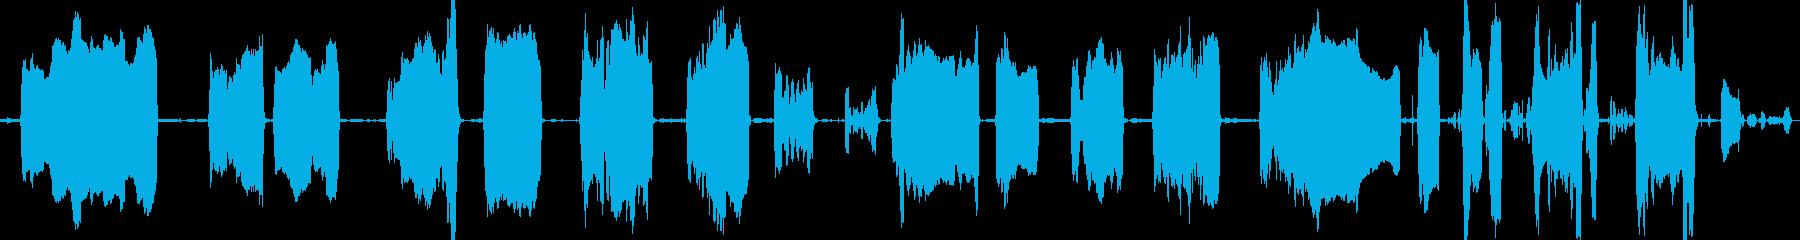 ラクダのイライラ便秘人間の話の再生済みの波形